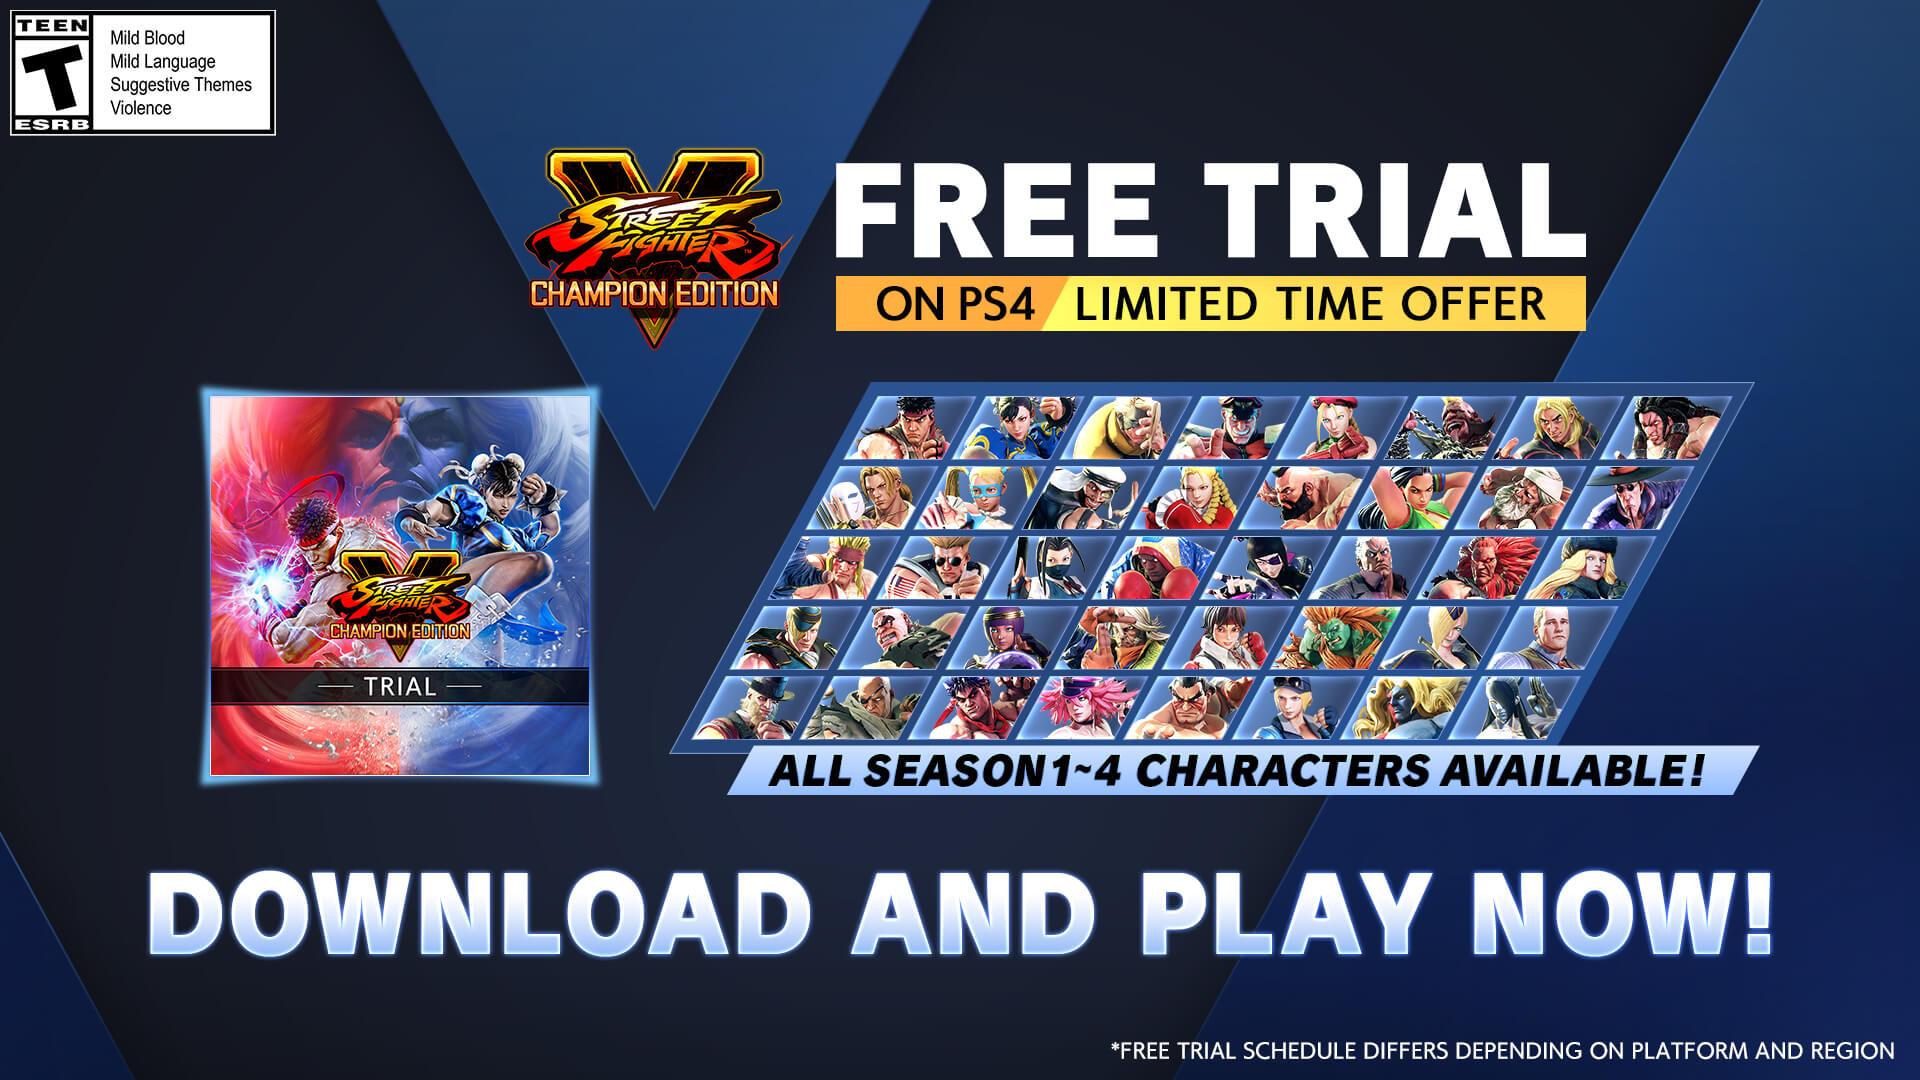 Prueba gratuita de Street Fighter V con todos los personajes ya está disponible en PS4